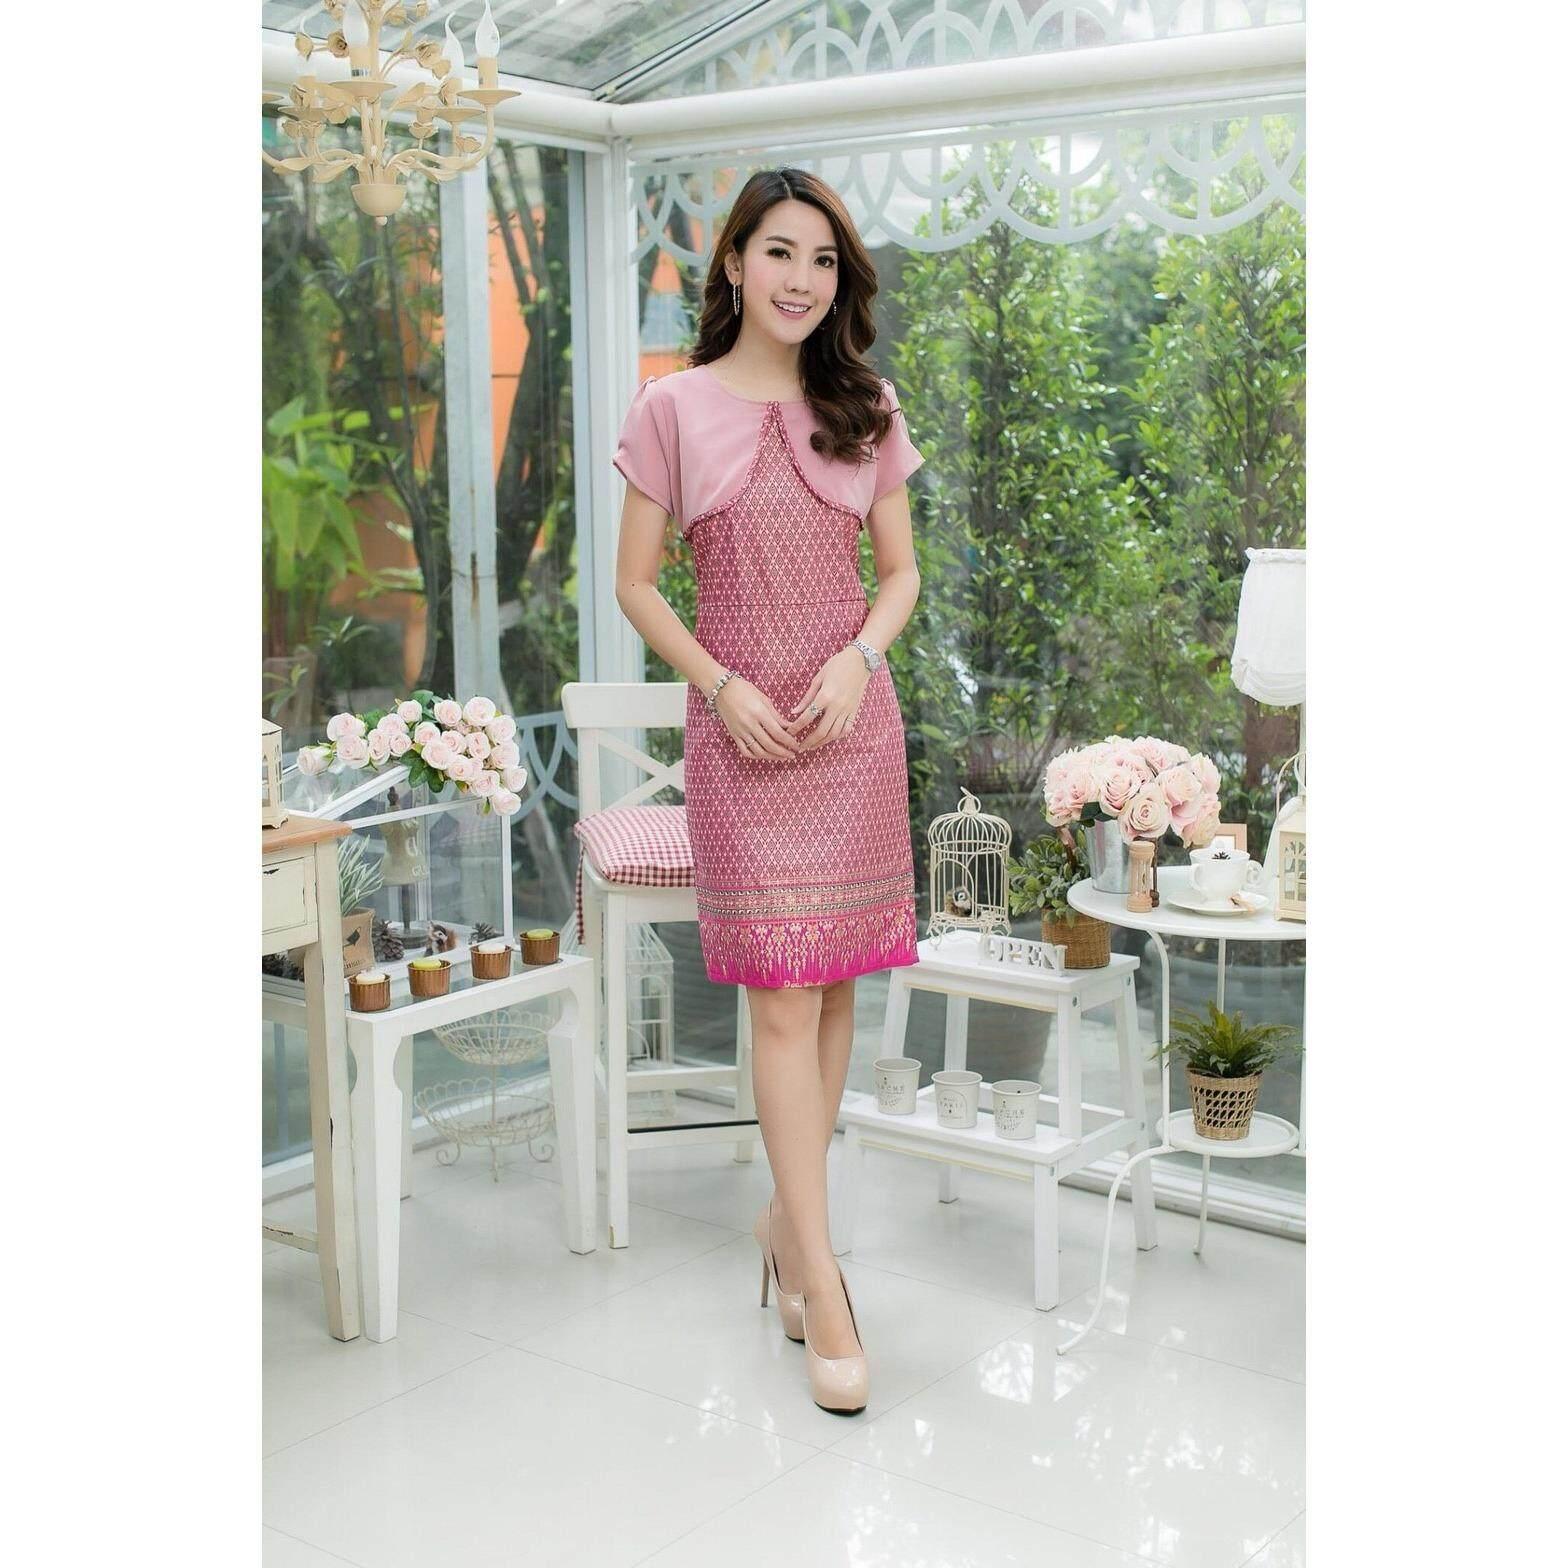 ราคา เดรสผ้าไทยแต่งกั๊ก สีชมพู เป็นต้นฉบับ